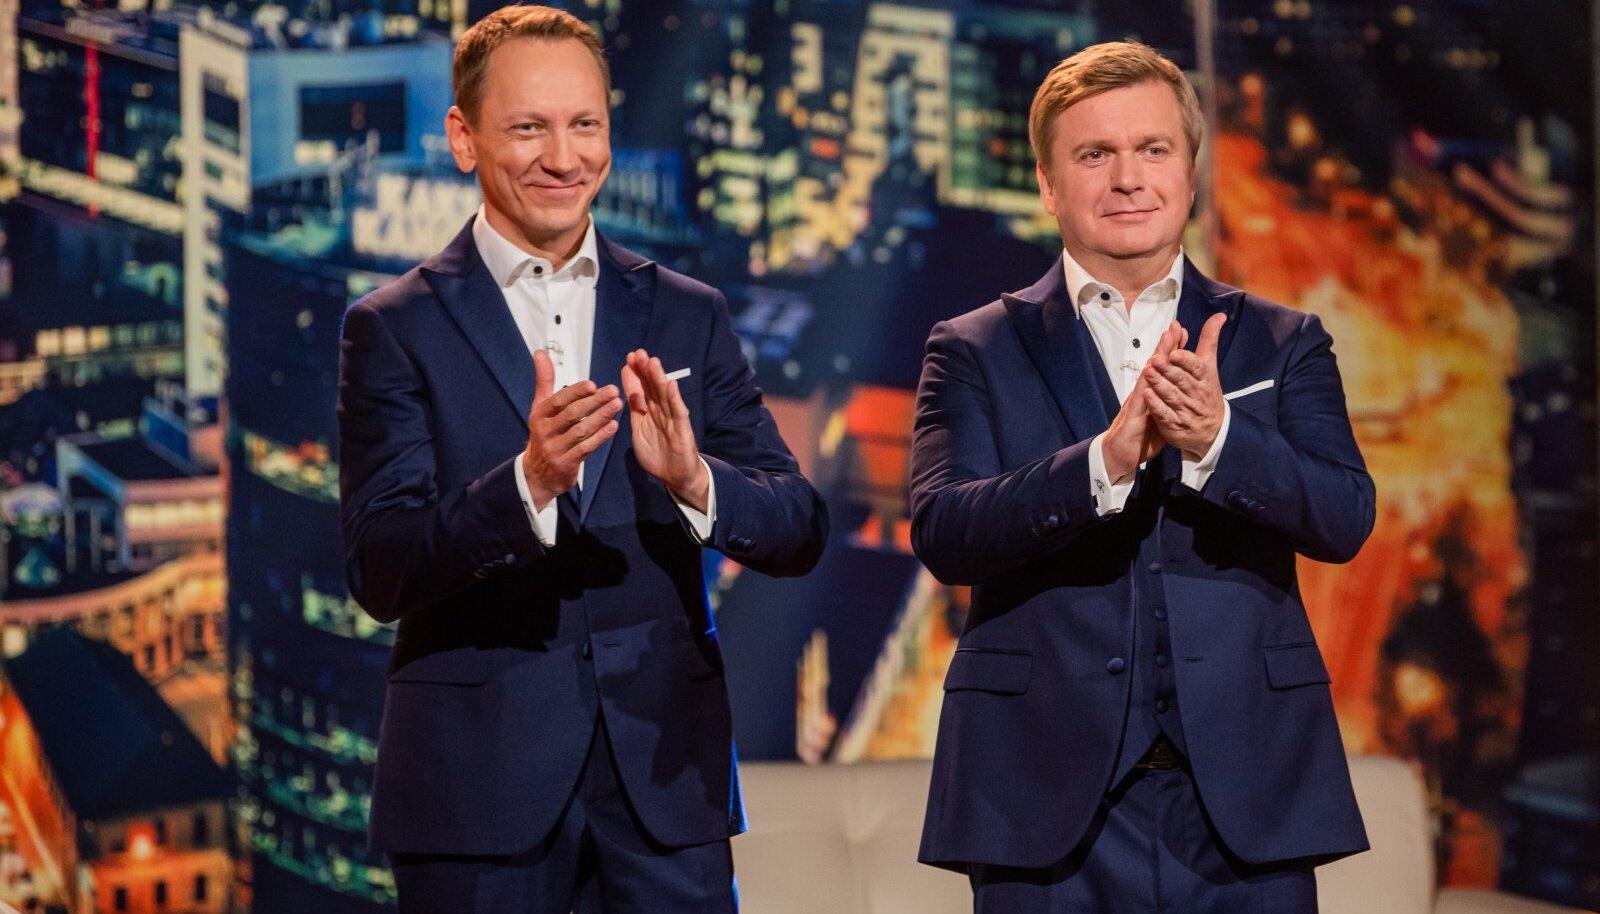 """""""Kaks kanget LIVE'i"""" uue hooaja avasaatesse, mis jõuab TV3 eetrisse homme õhtul kell 21, toovad Teet Margna ja Kristjan Jõekalda mitme külalisega neile omapäraselt rohkelt hoogu ja emotsiooni."""